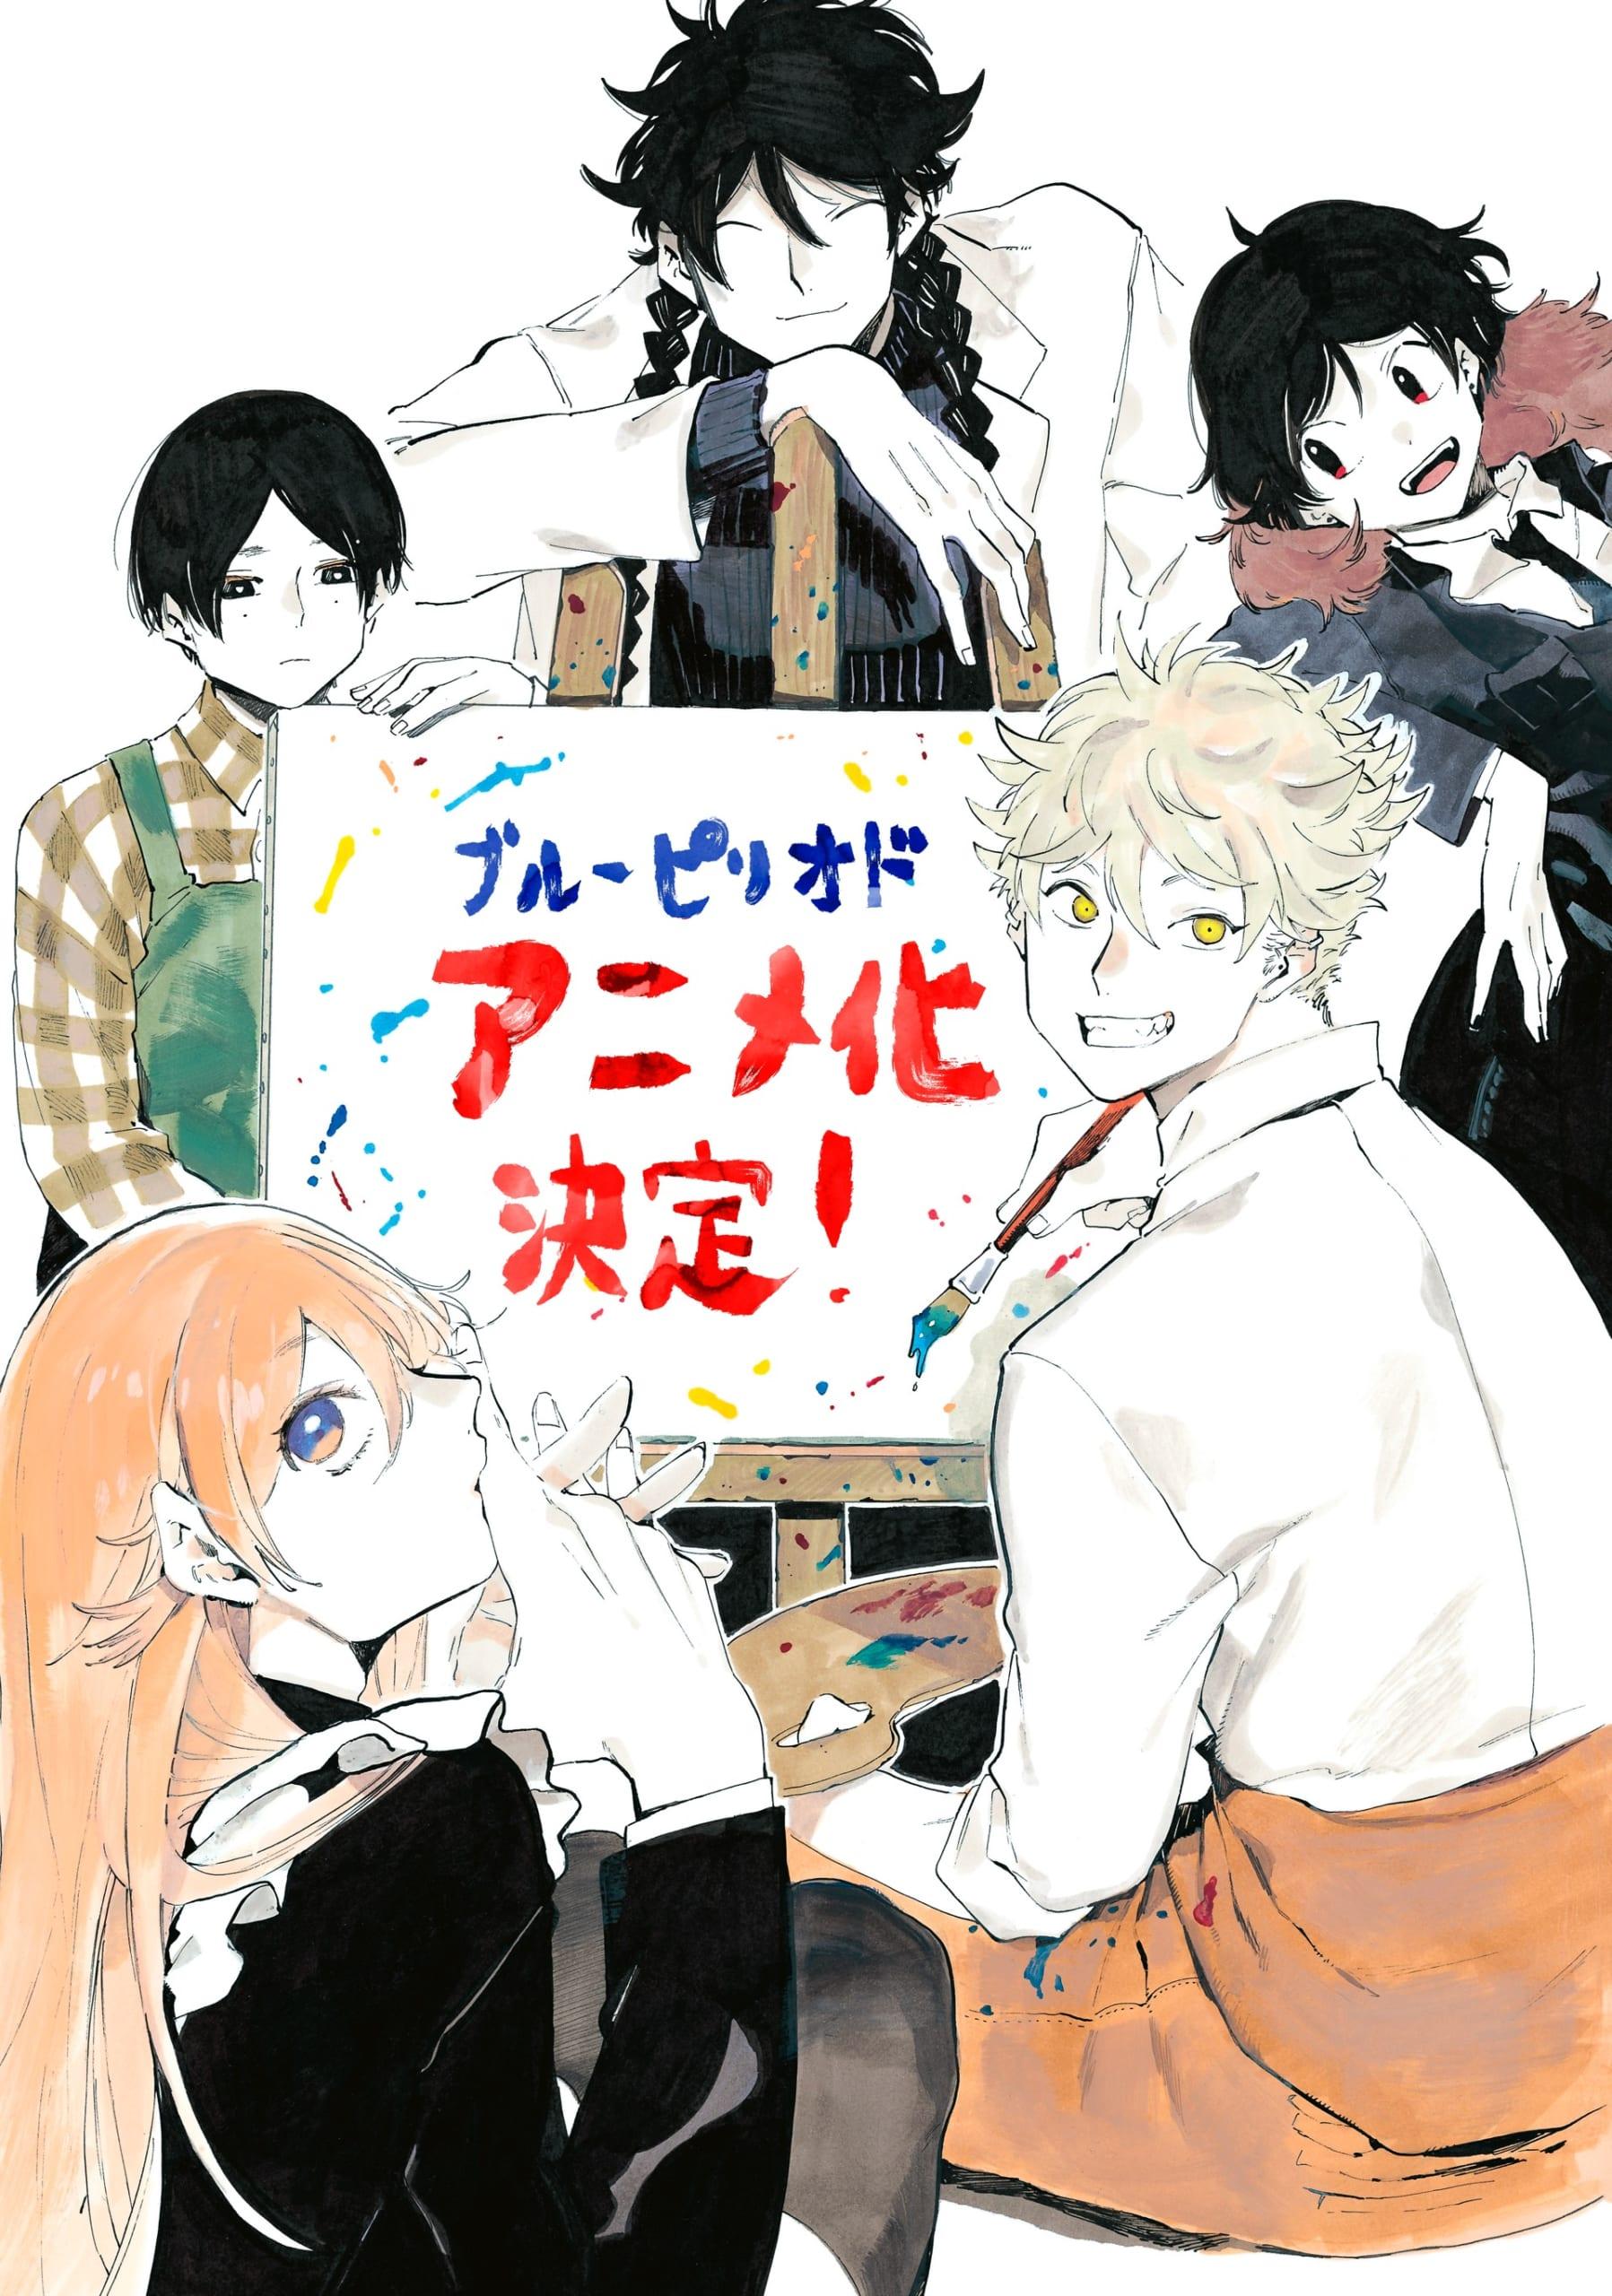 美大を目指す青春物語「ブルーピリオド」2021年TVアニメ化決定!山口つばさ先生のお祝いイラスト&コメント到着